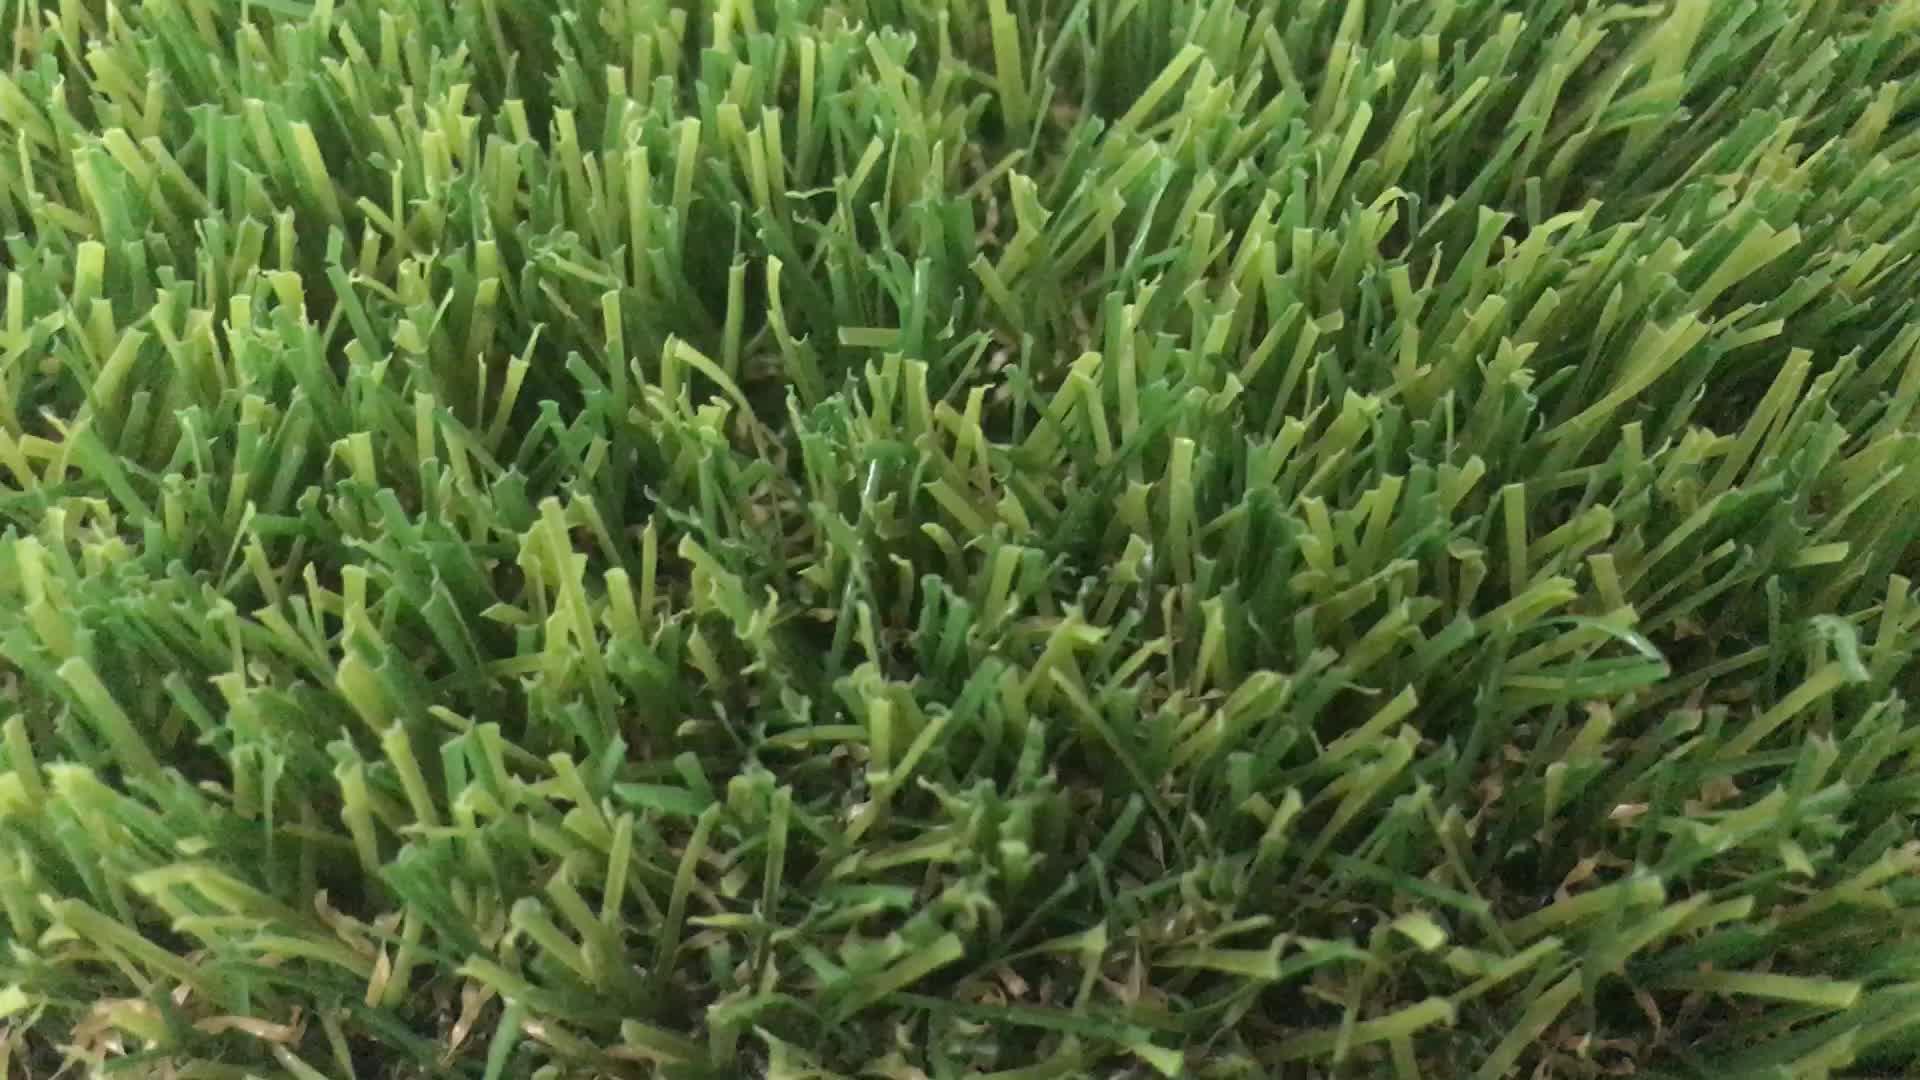 Aménagement Jardin Pas Cher 30mm pas cher aménagement paysager gazon artificiel gazon synthétique pour  jardin - buy pelouse artificielle d'aménagement paysager bon marché,pelouse